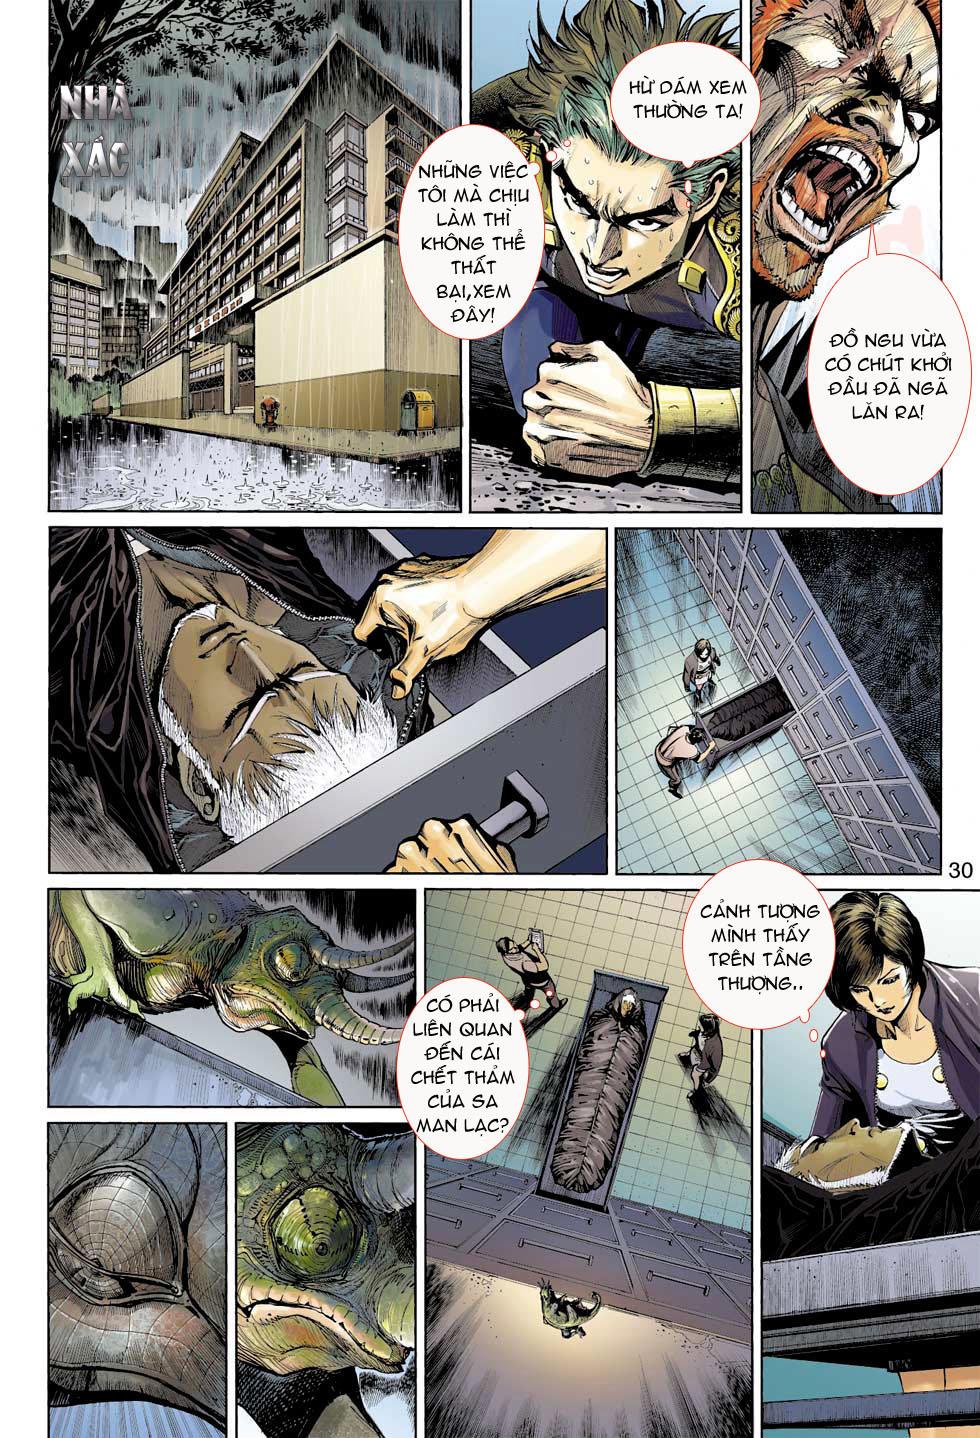 Thần Binh 4 chap 8 - Trang 30